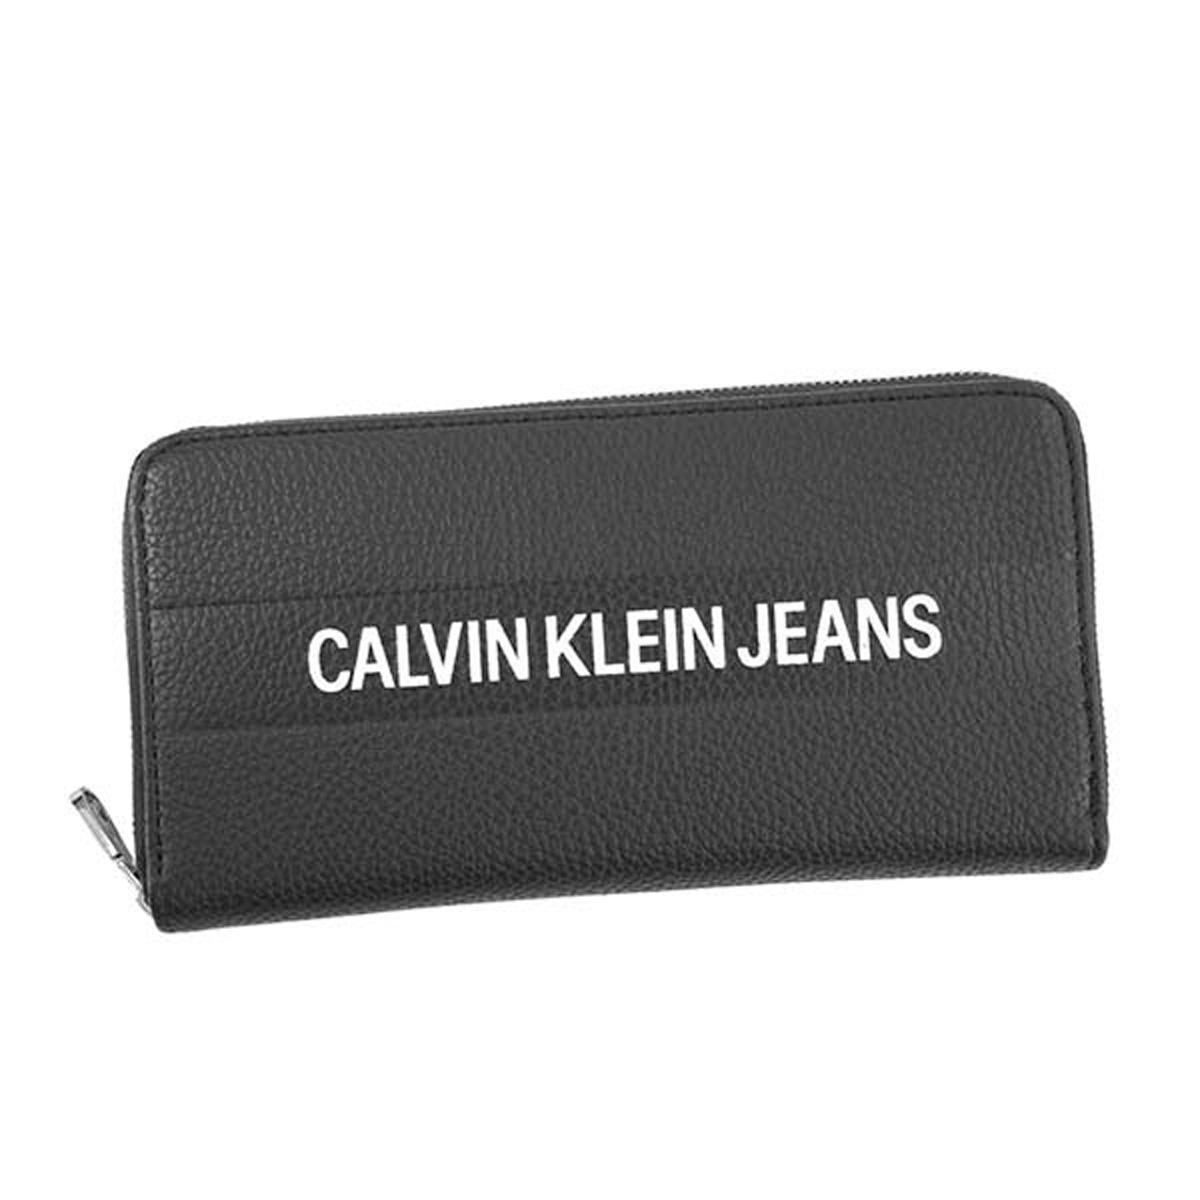 カルバンクラインジーンズ Calvin Klein Jeans CK 財布 K40K400840 LOGO BANNER LARGE ZIPAROUND ロゴ バナー ラージ ジップラウンド 小銭入れ付き ラウンドファスナー長財布 001 BLACK ブラック系+ホワイト 黒